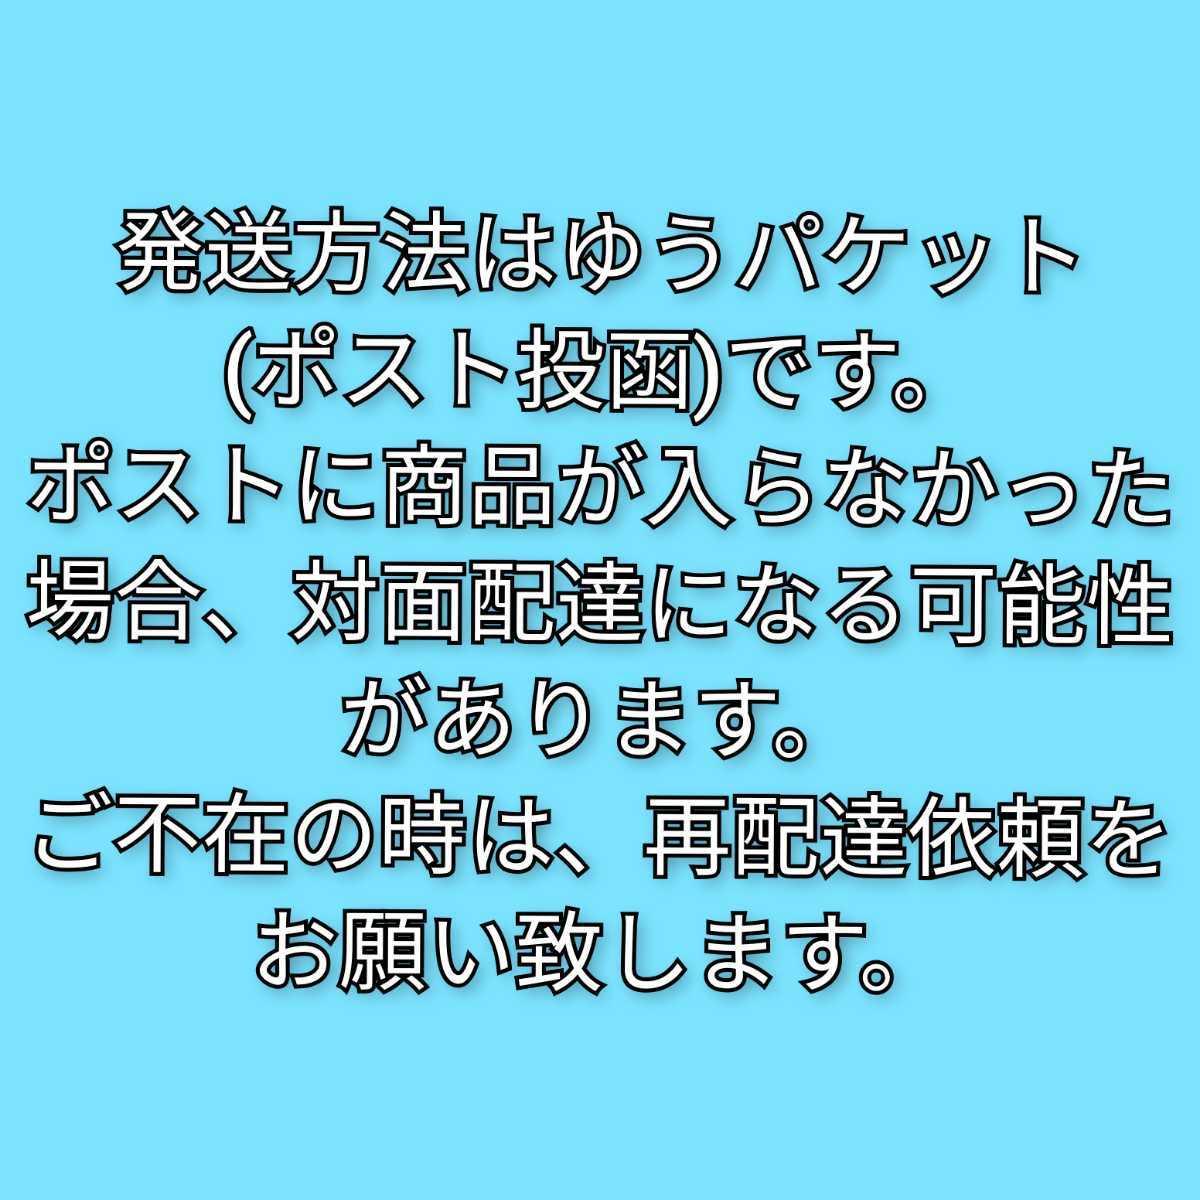 ビクトリーブレンド 18袋 澤井珈琲 ドリップコーヒー 送料無料 ①_画像3